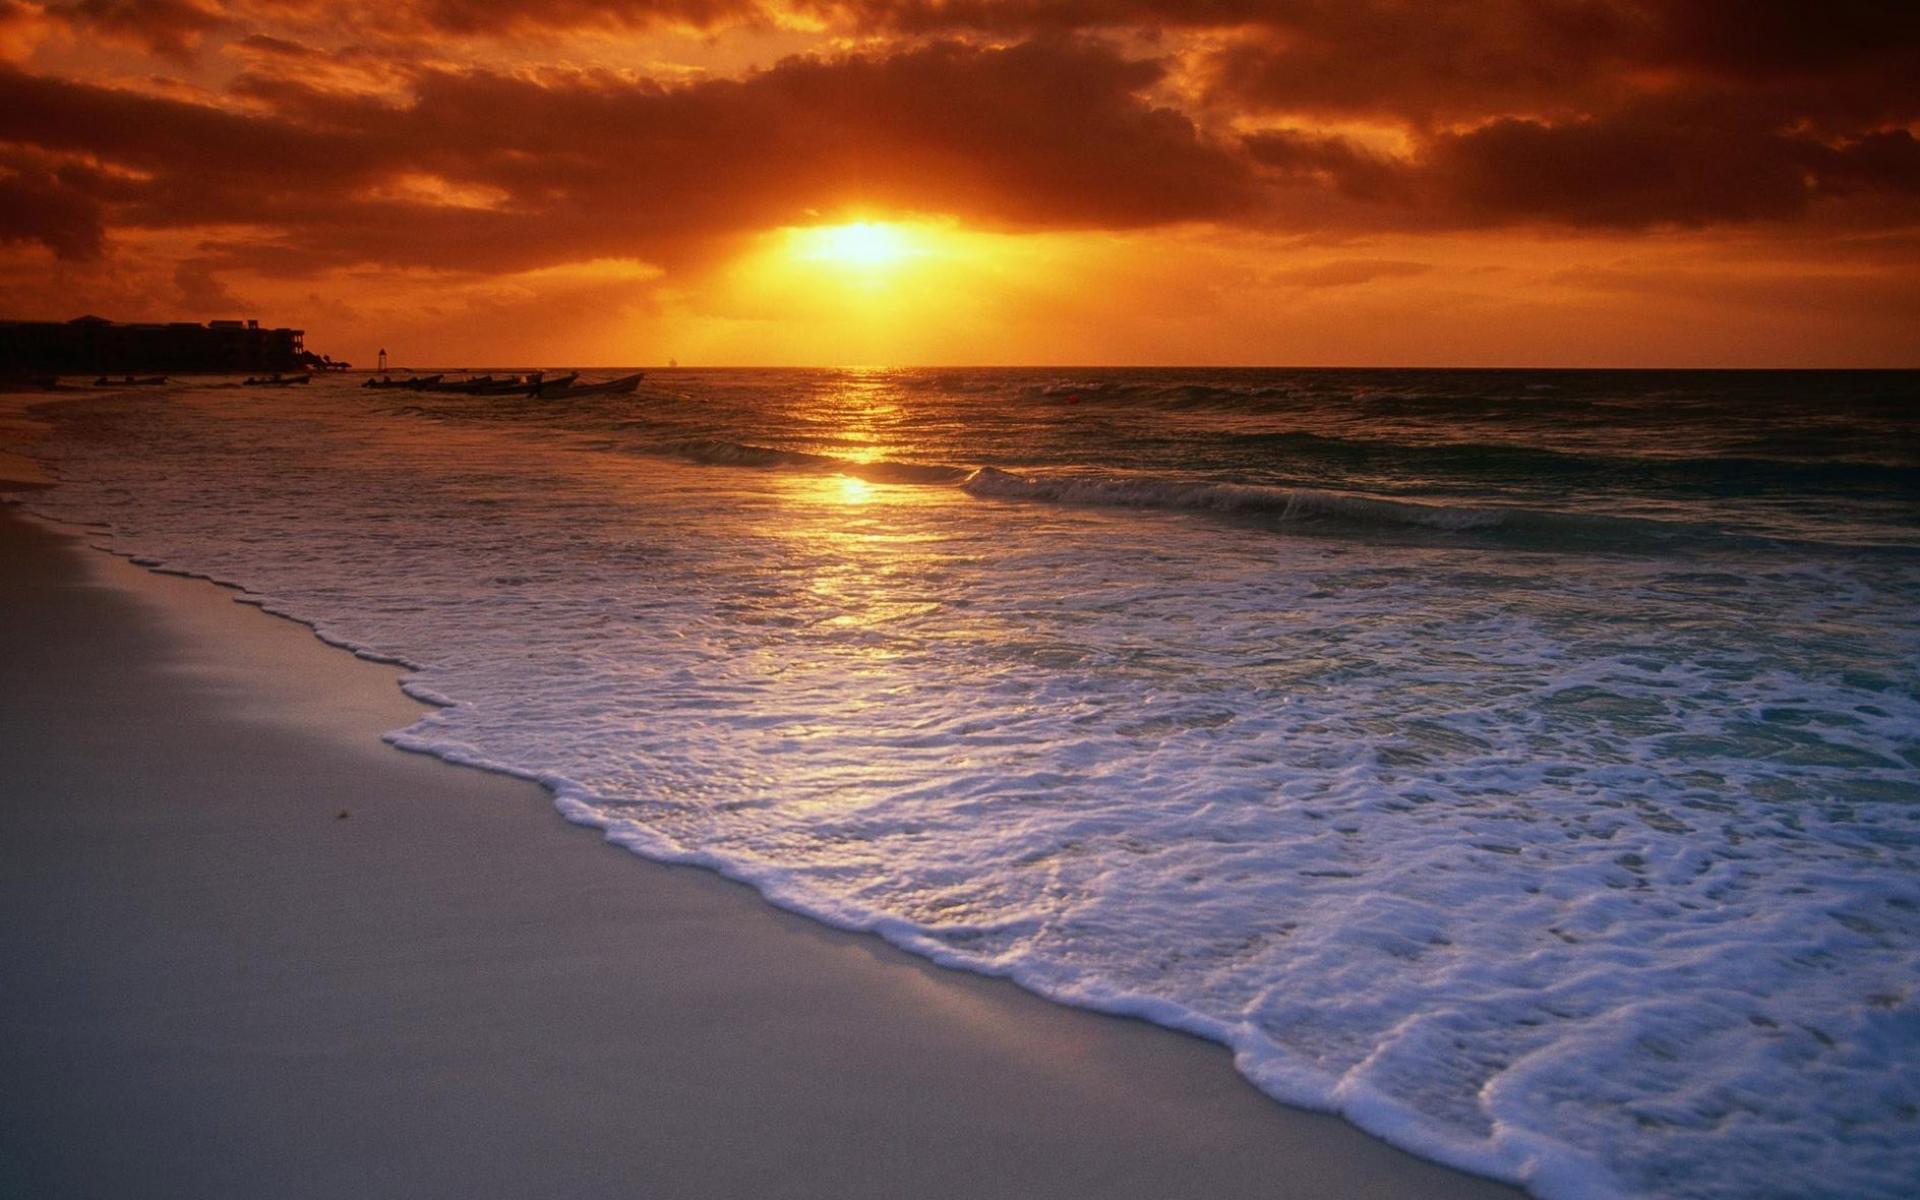 ᐈ морей: картинки и фото морской пейзаж, скачать рисунок на.